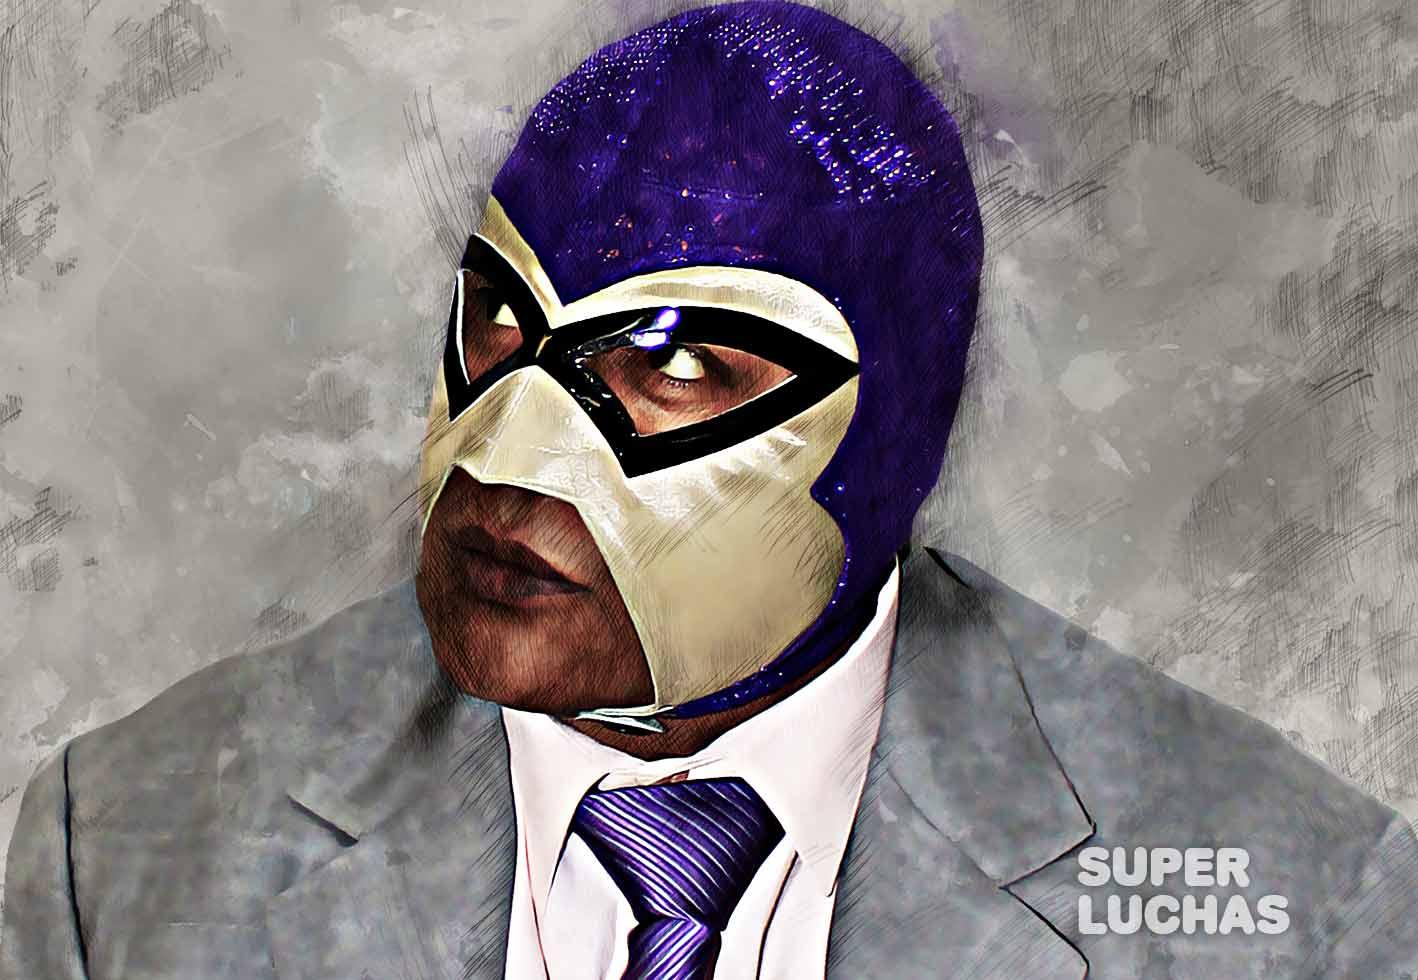 Entrevista con El Fantasma: Triplemanía, su hijo a WWE y más 1